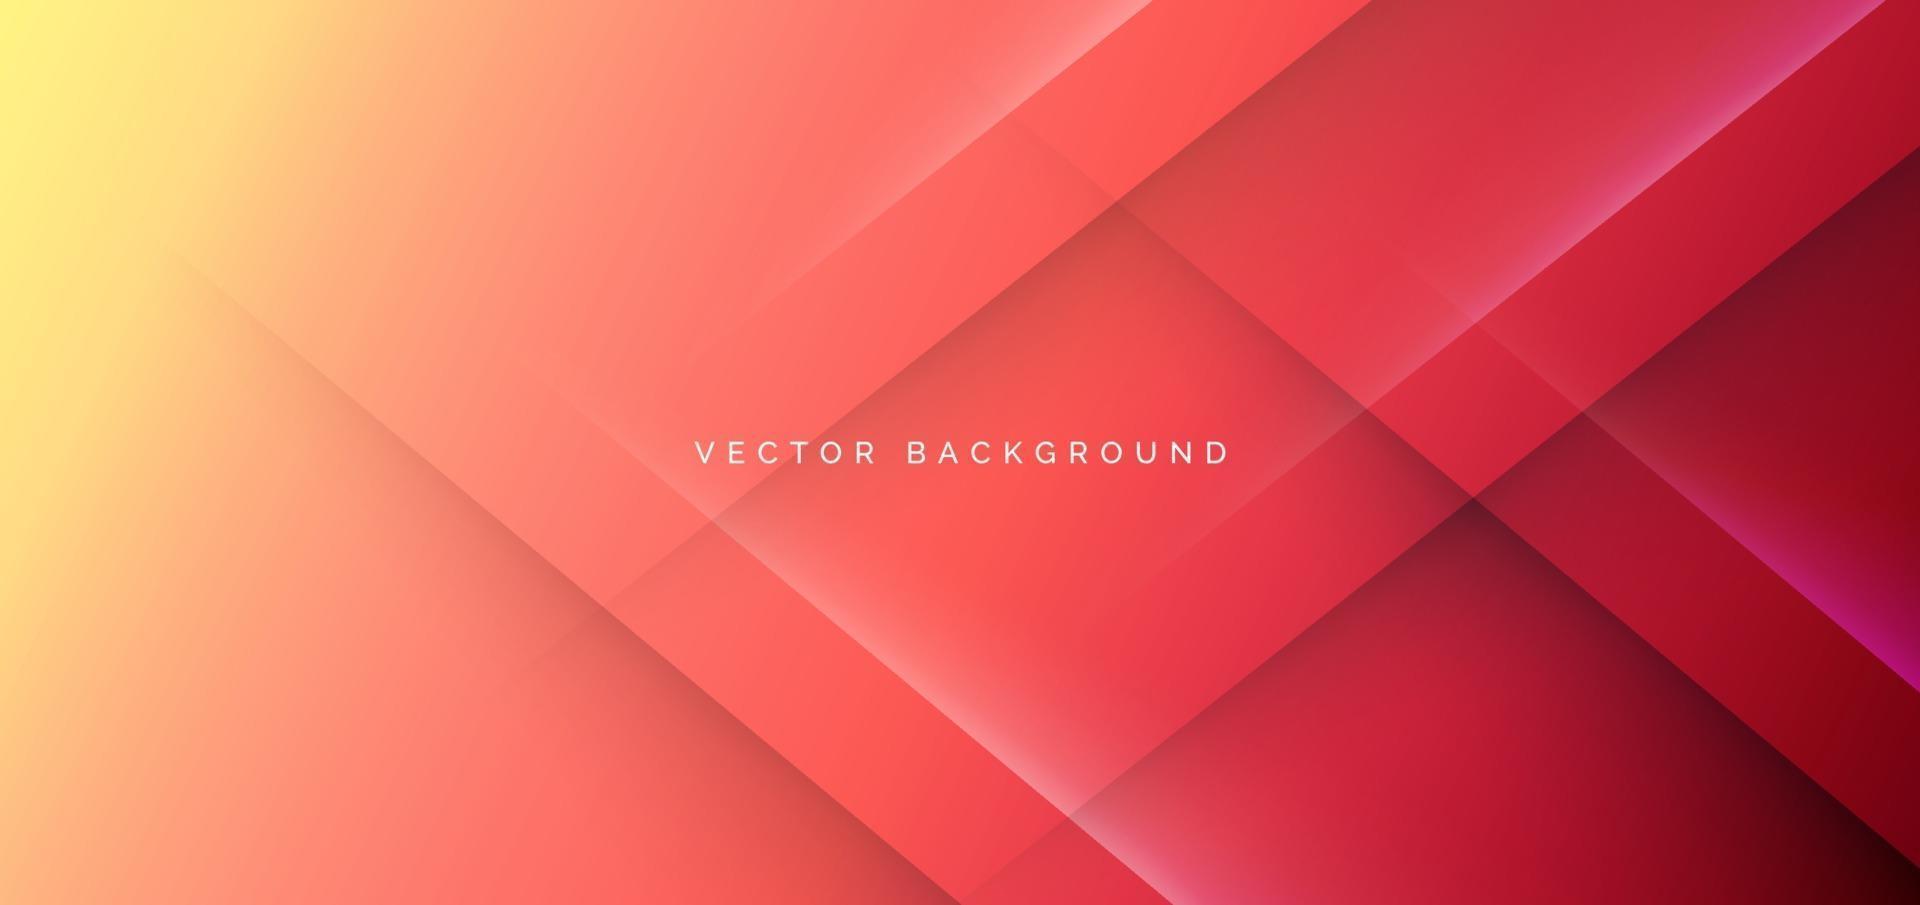 abstrakt röd gul geometrisk bakgrund och textur. modernt koncept. vektor